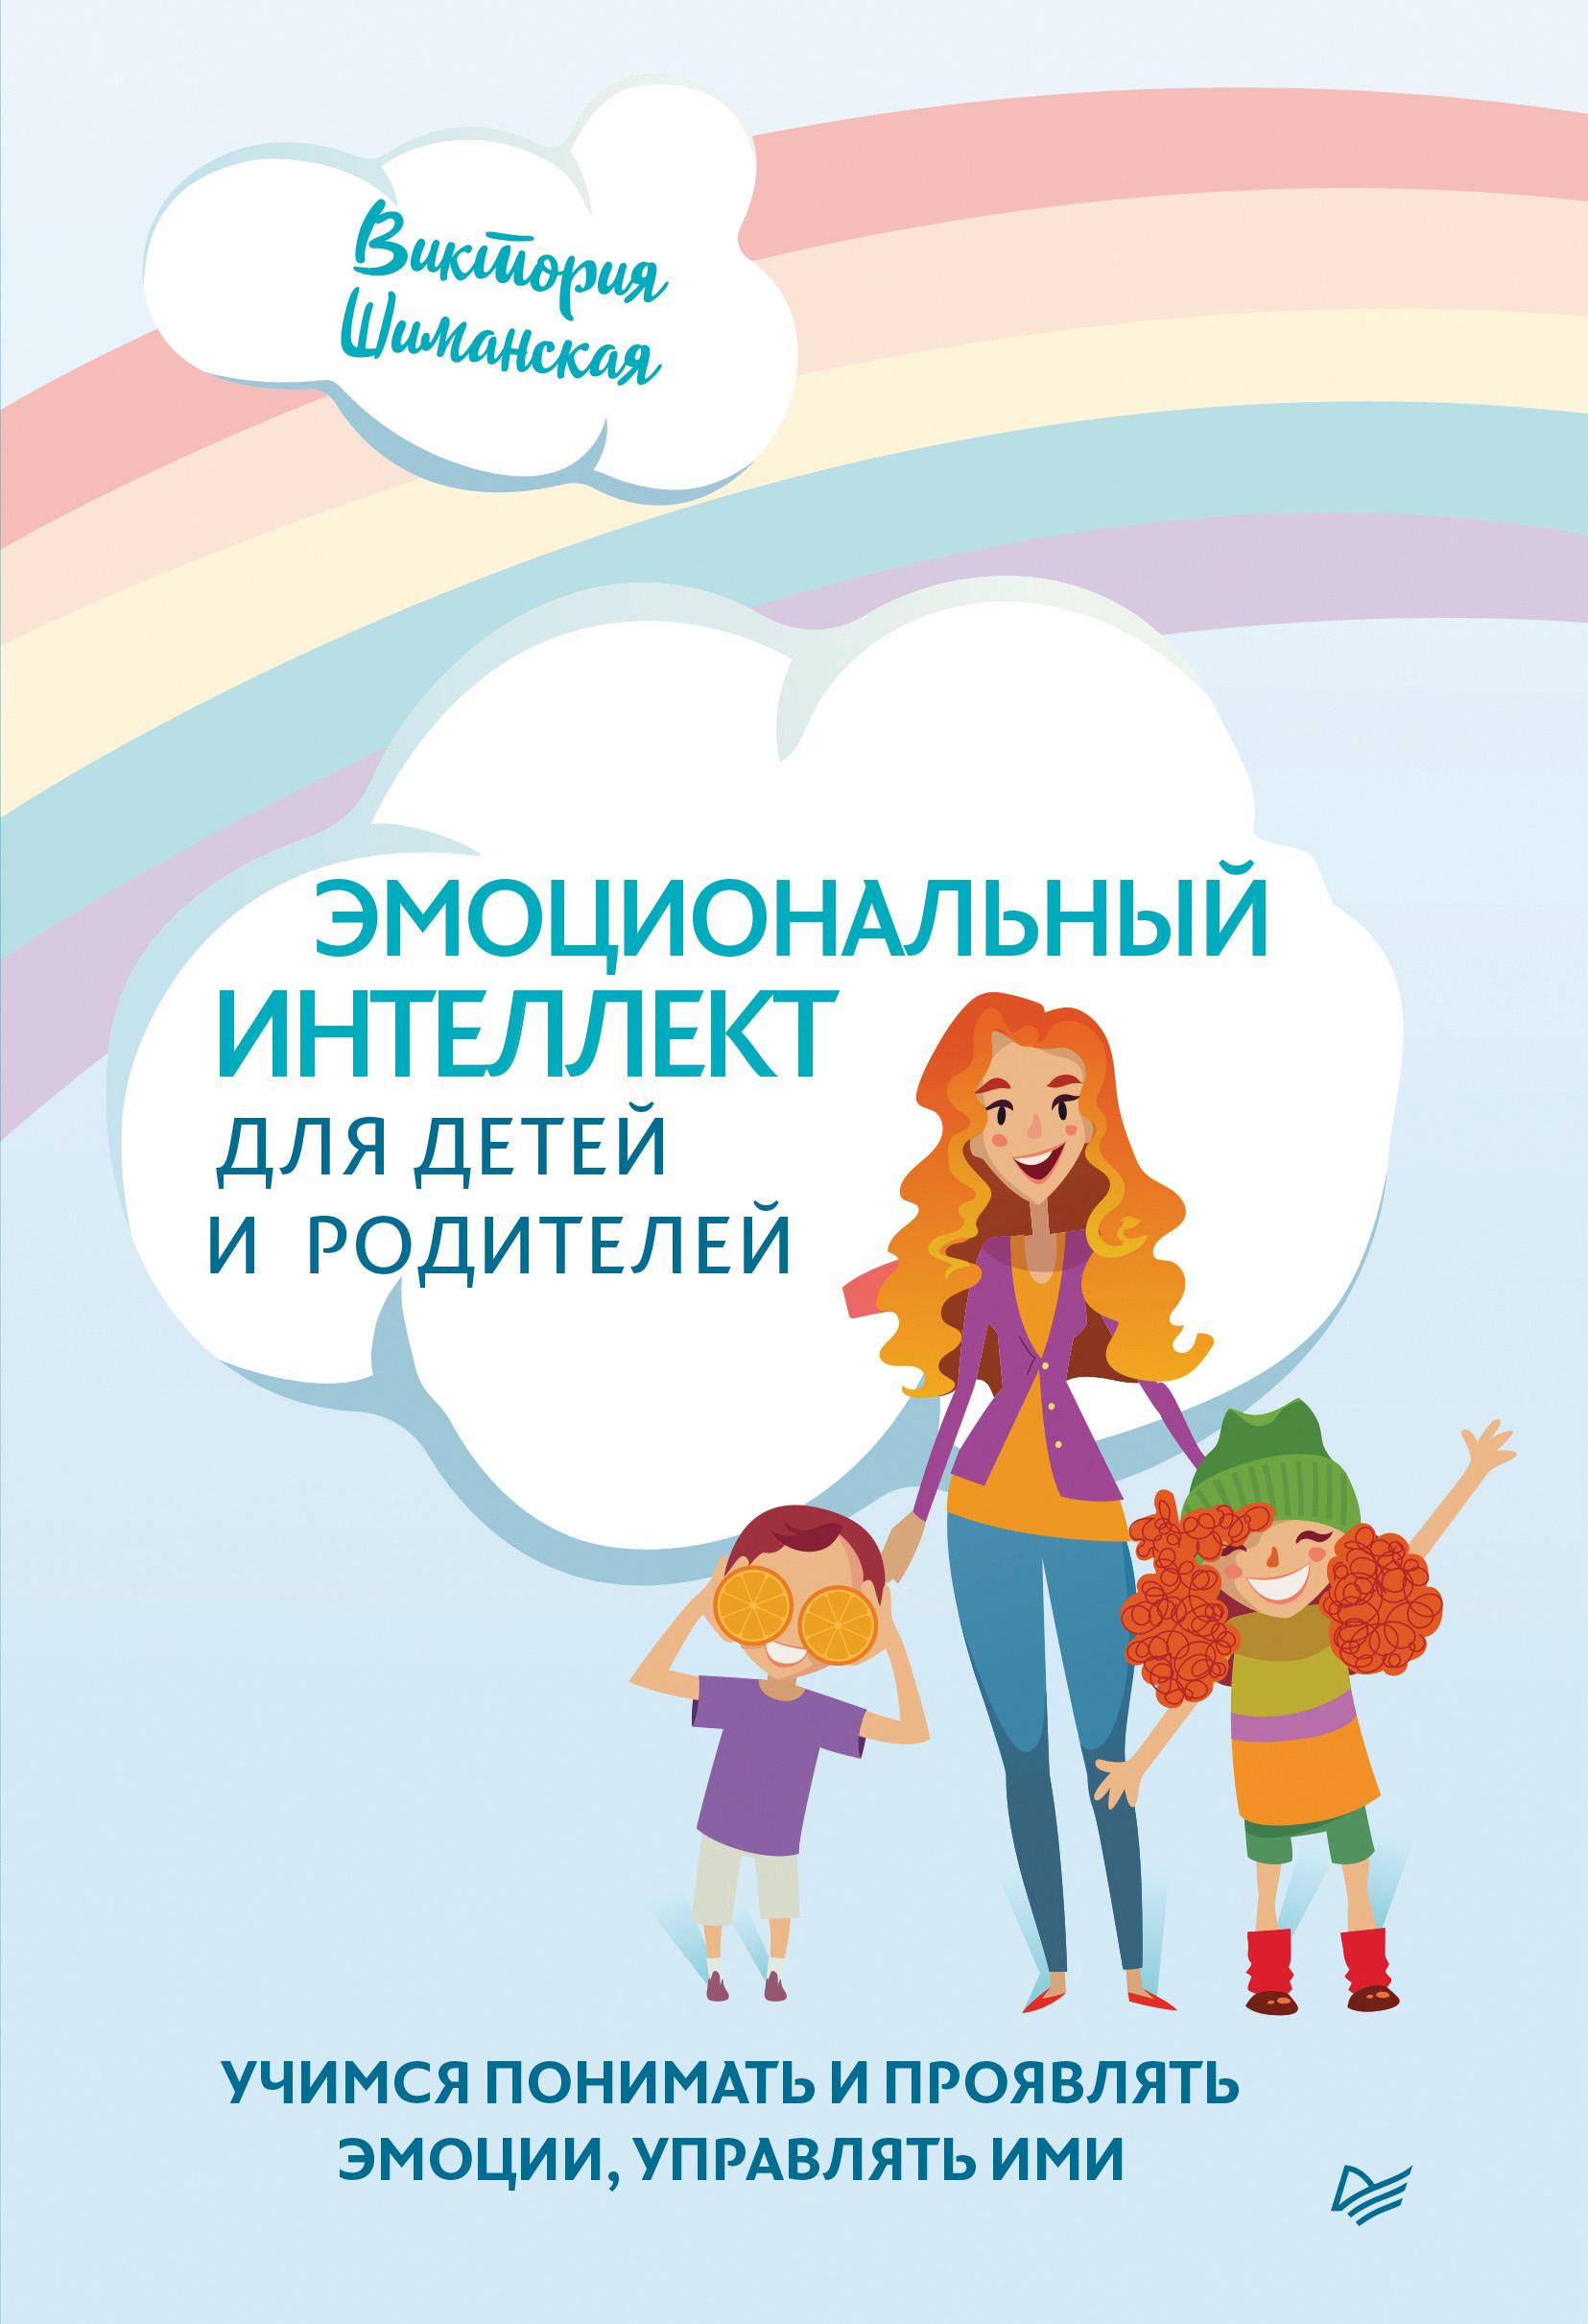 Купить книгу Эмоциональный интеллект для детей и родителей. Учимся понимать и проявлять эмоции, управлять ими, автора Виктории Шиманской